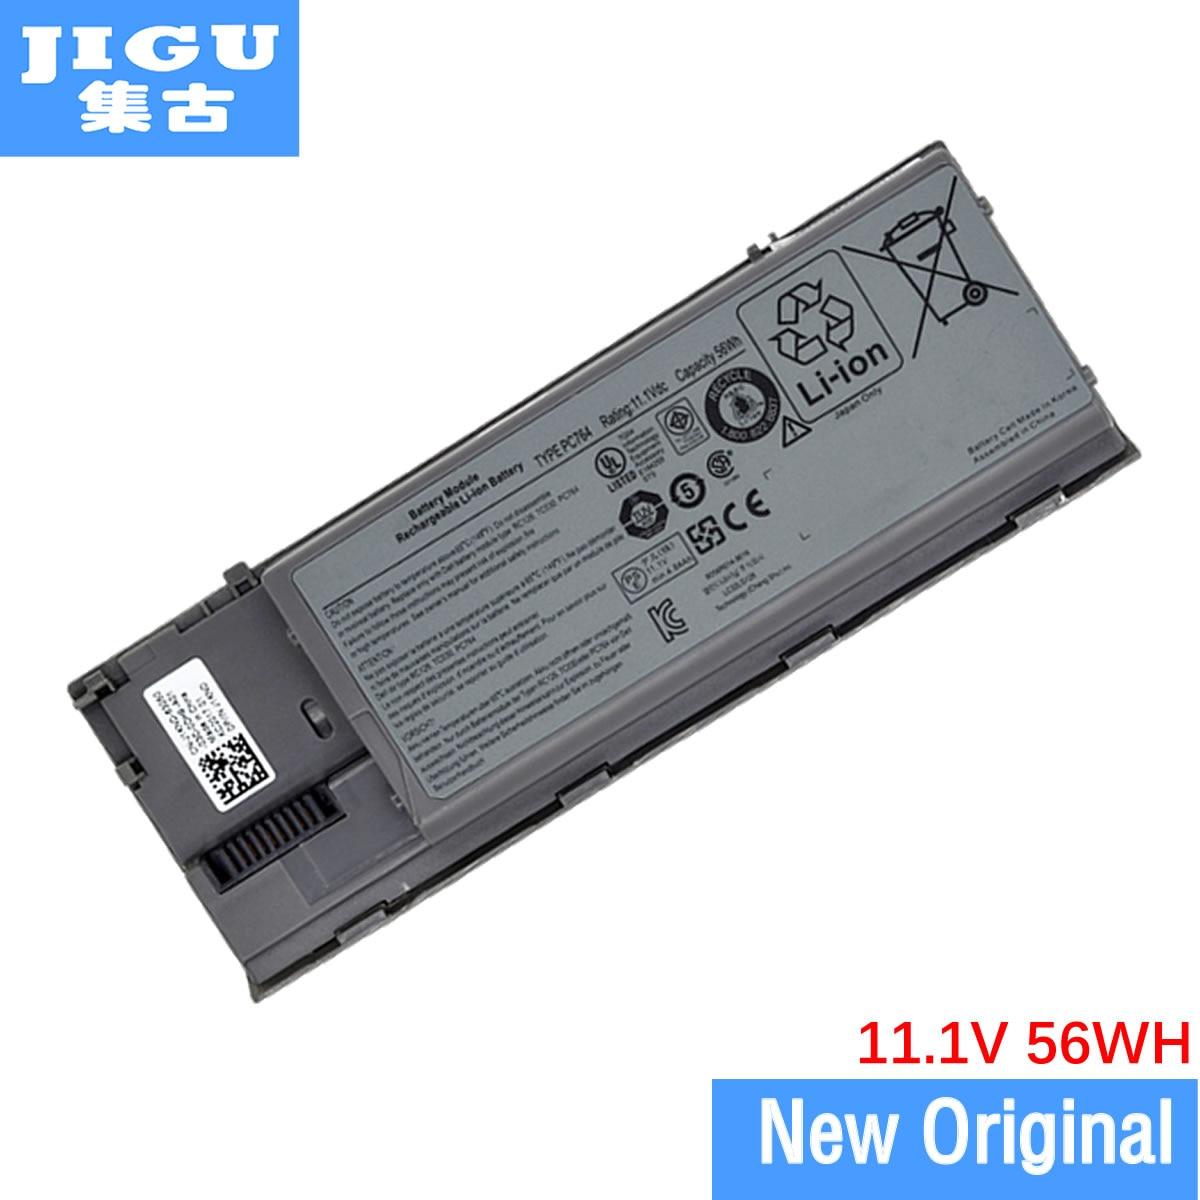 JIGU 312-0383 312-0386 GD775 GD776 JD605 JD616 JD634 KD489 KD491Original Laptop Battery For Dell D620 D630 ATG UMA M2300